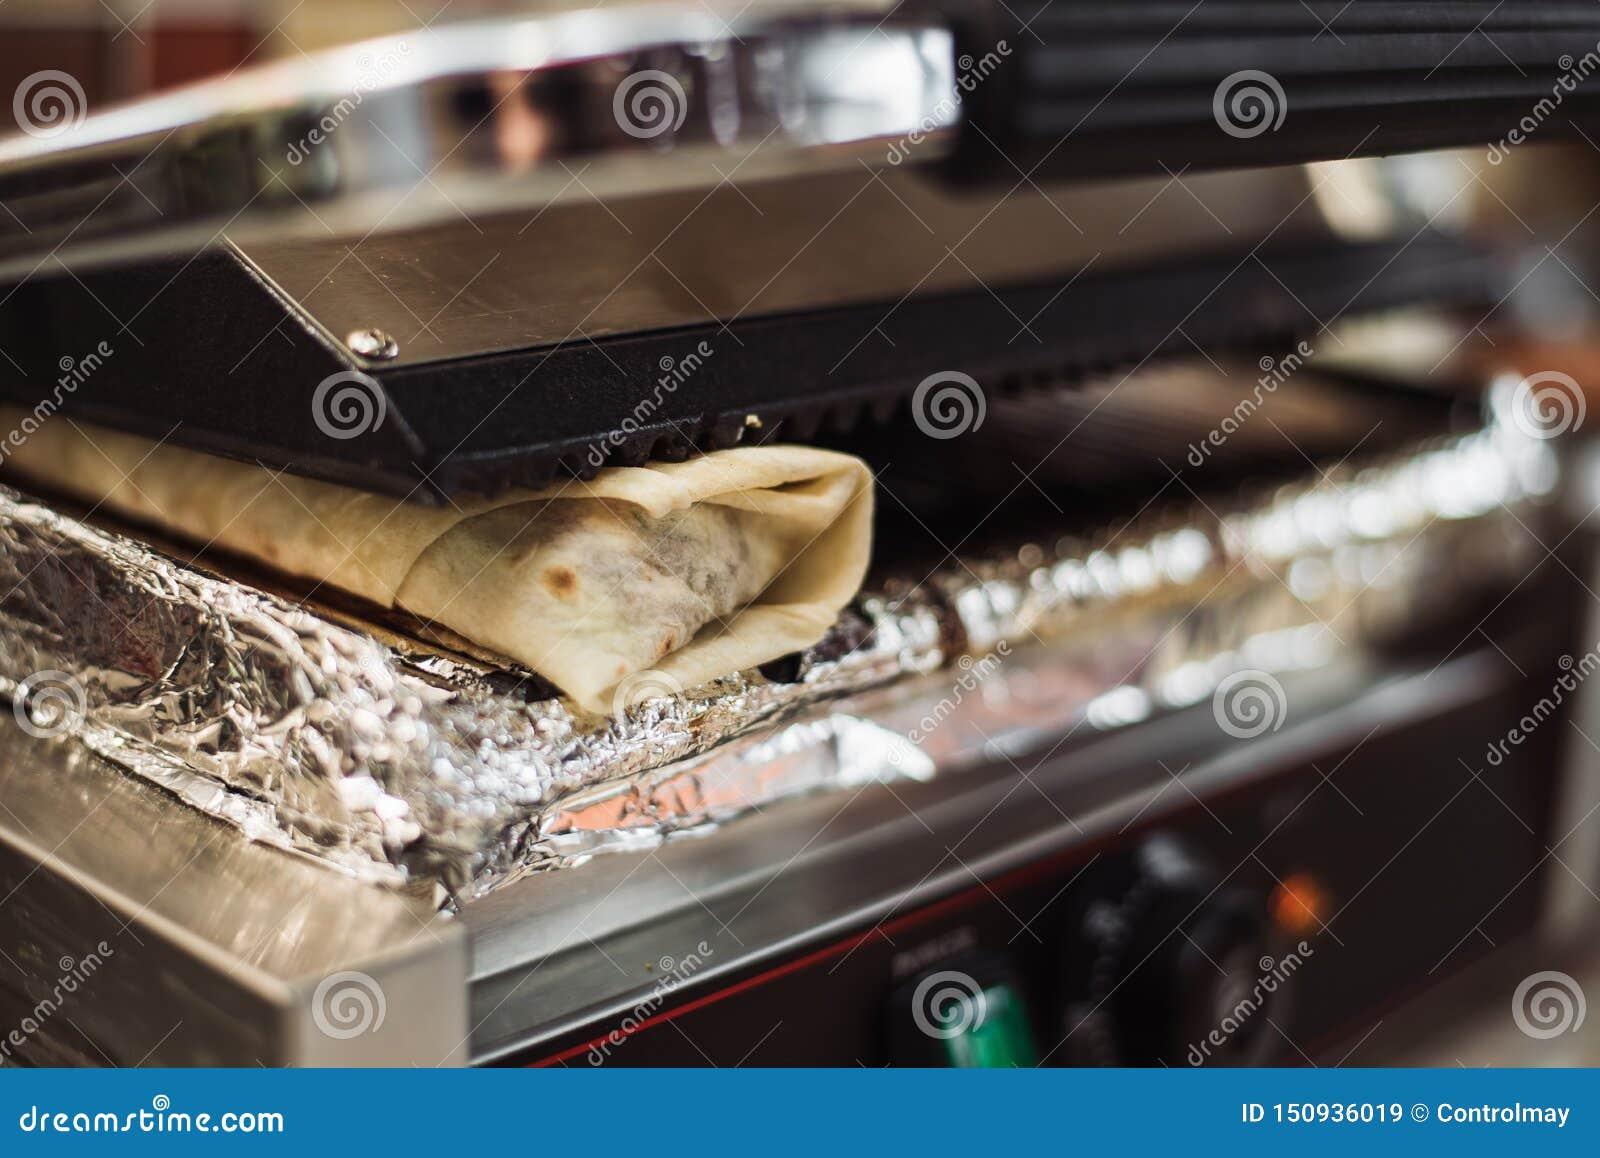 Le doner de Shawarma a fait cuire au four dans un four électrique dans un restaurant d aliments de préparation rapide